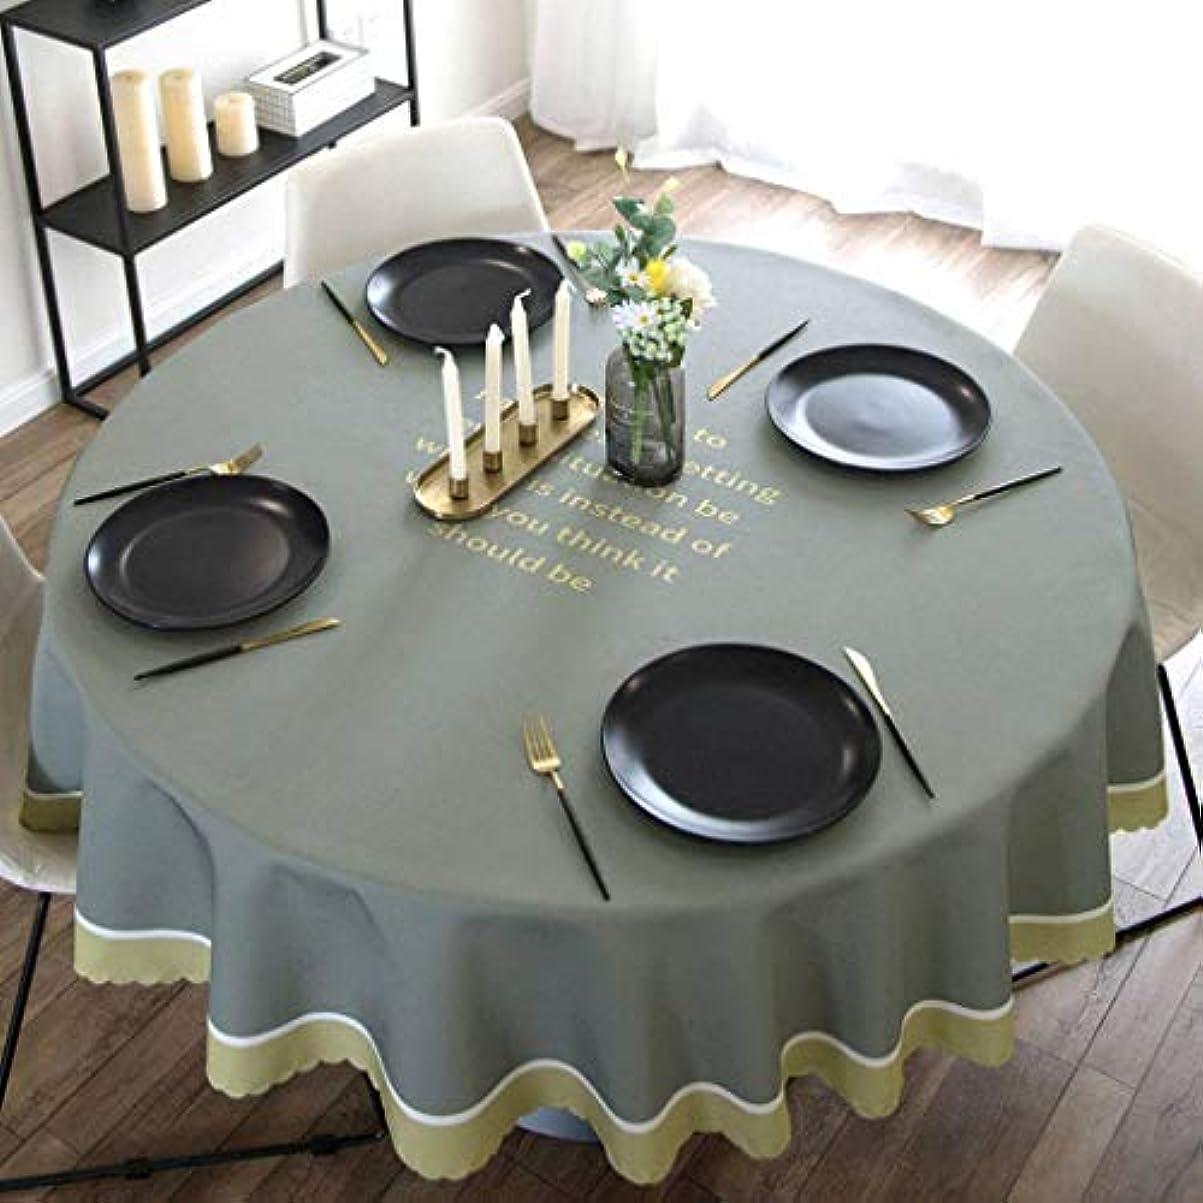 簡単な意図的規則性丸型テーブルクロス/コットンとリネン布地テーブルクロス防水耐摩耗性拭き取り可能単色テーブルカバーのために適したレストランダイニングルームピクニック-グレー-直径: 170CM(67インチ)